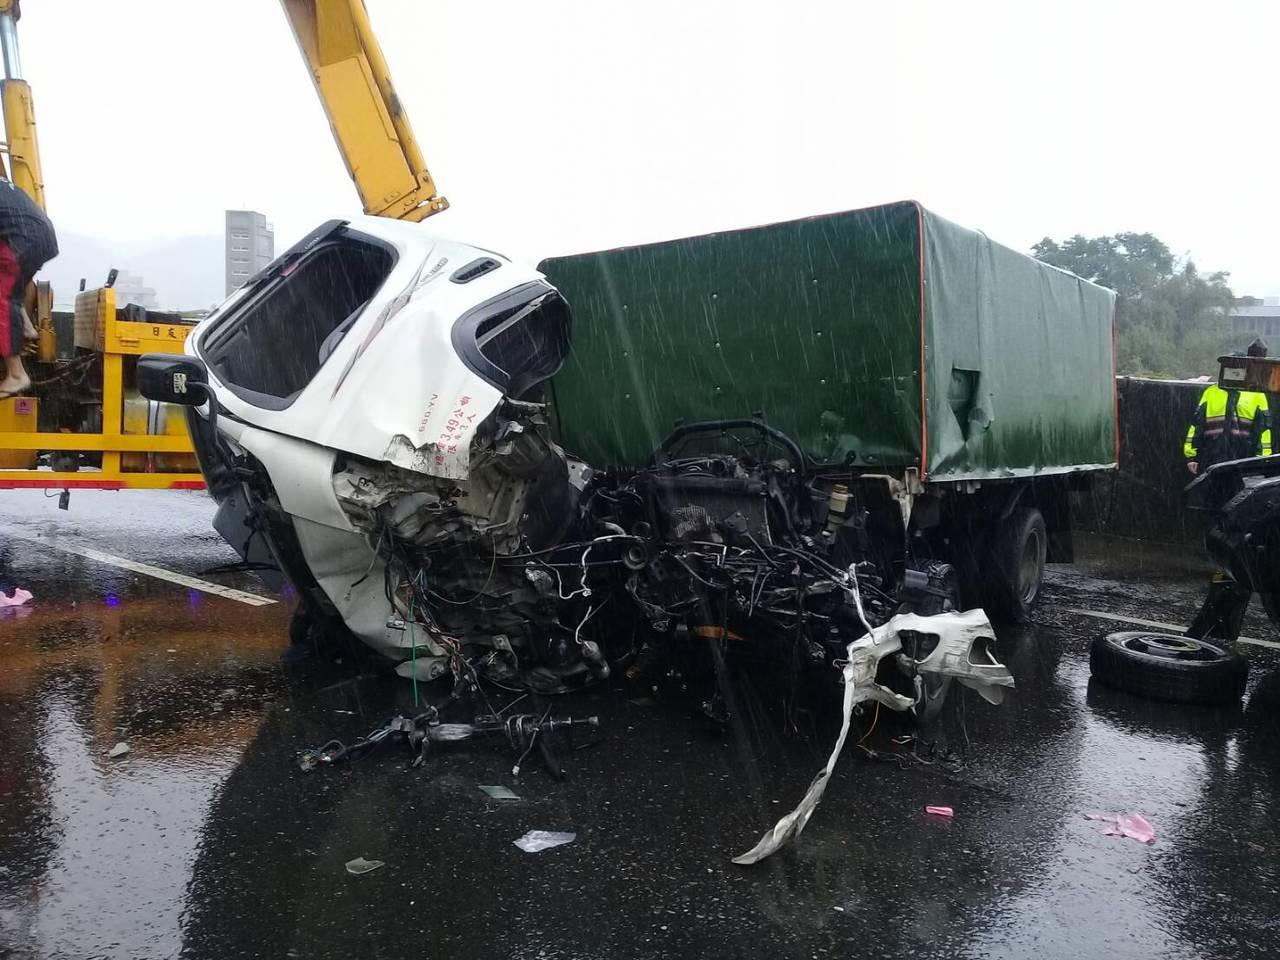 貨車原來在後方,先翻車衝到前方,拖板車才撞上。圖/基隆市消防局提供